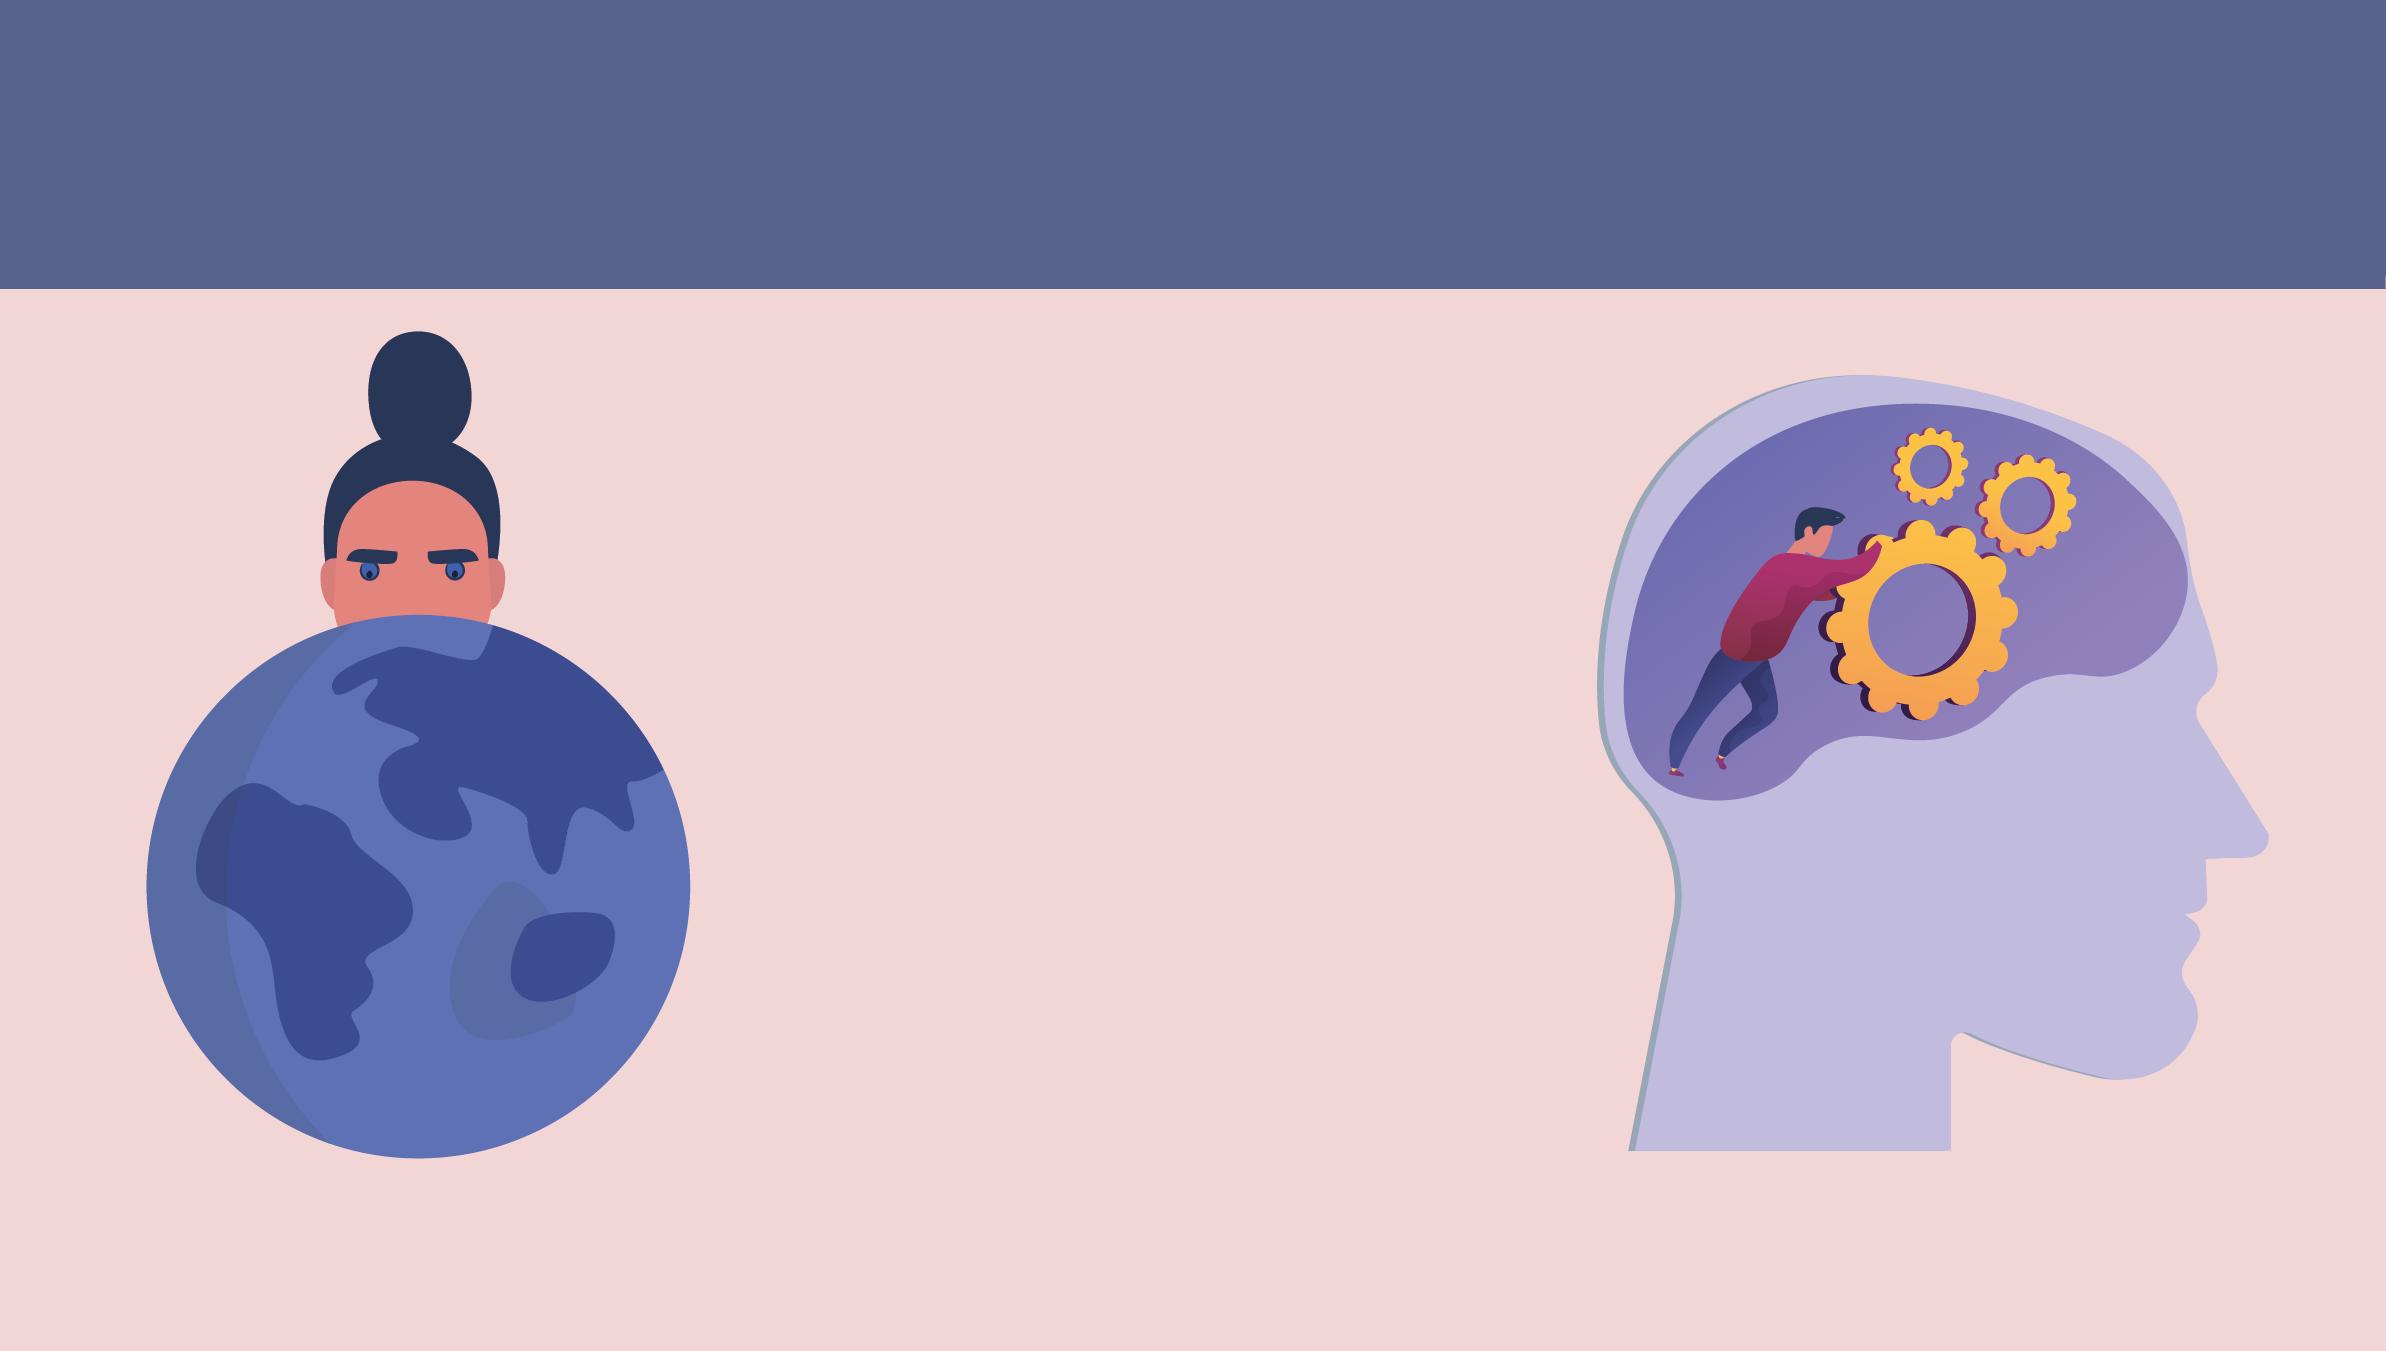 Solda dünya çizimine üstten bakan bir kadın. Sağda insan beyninin olduğu bölümde çarkları iten bir erkek çizimi.